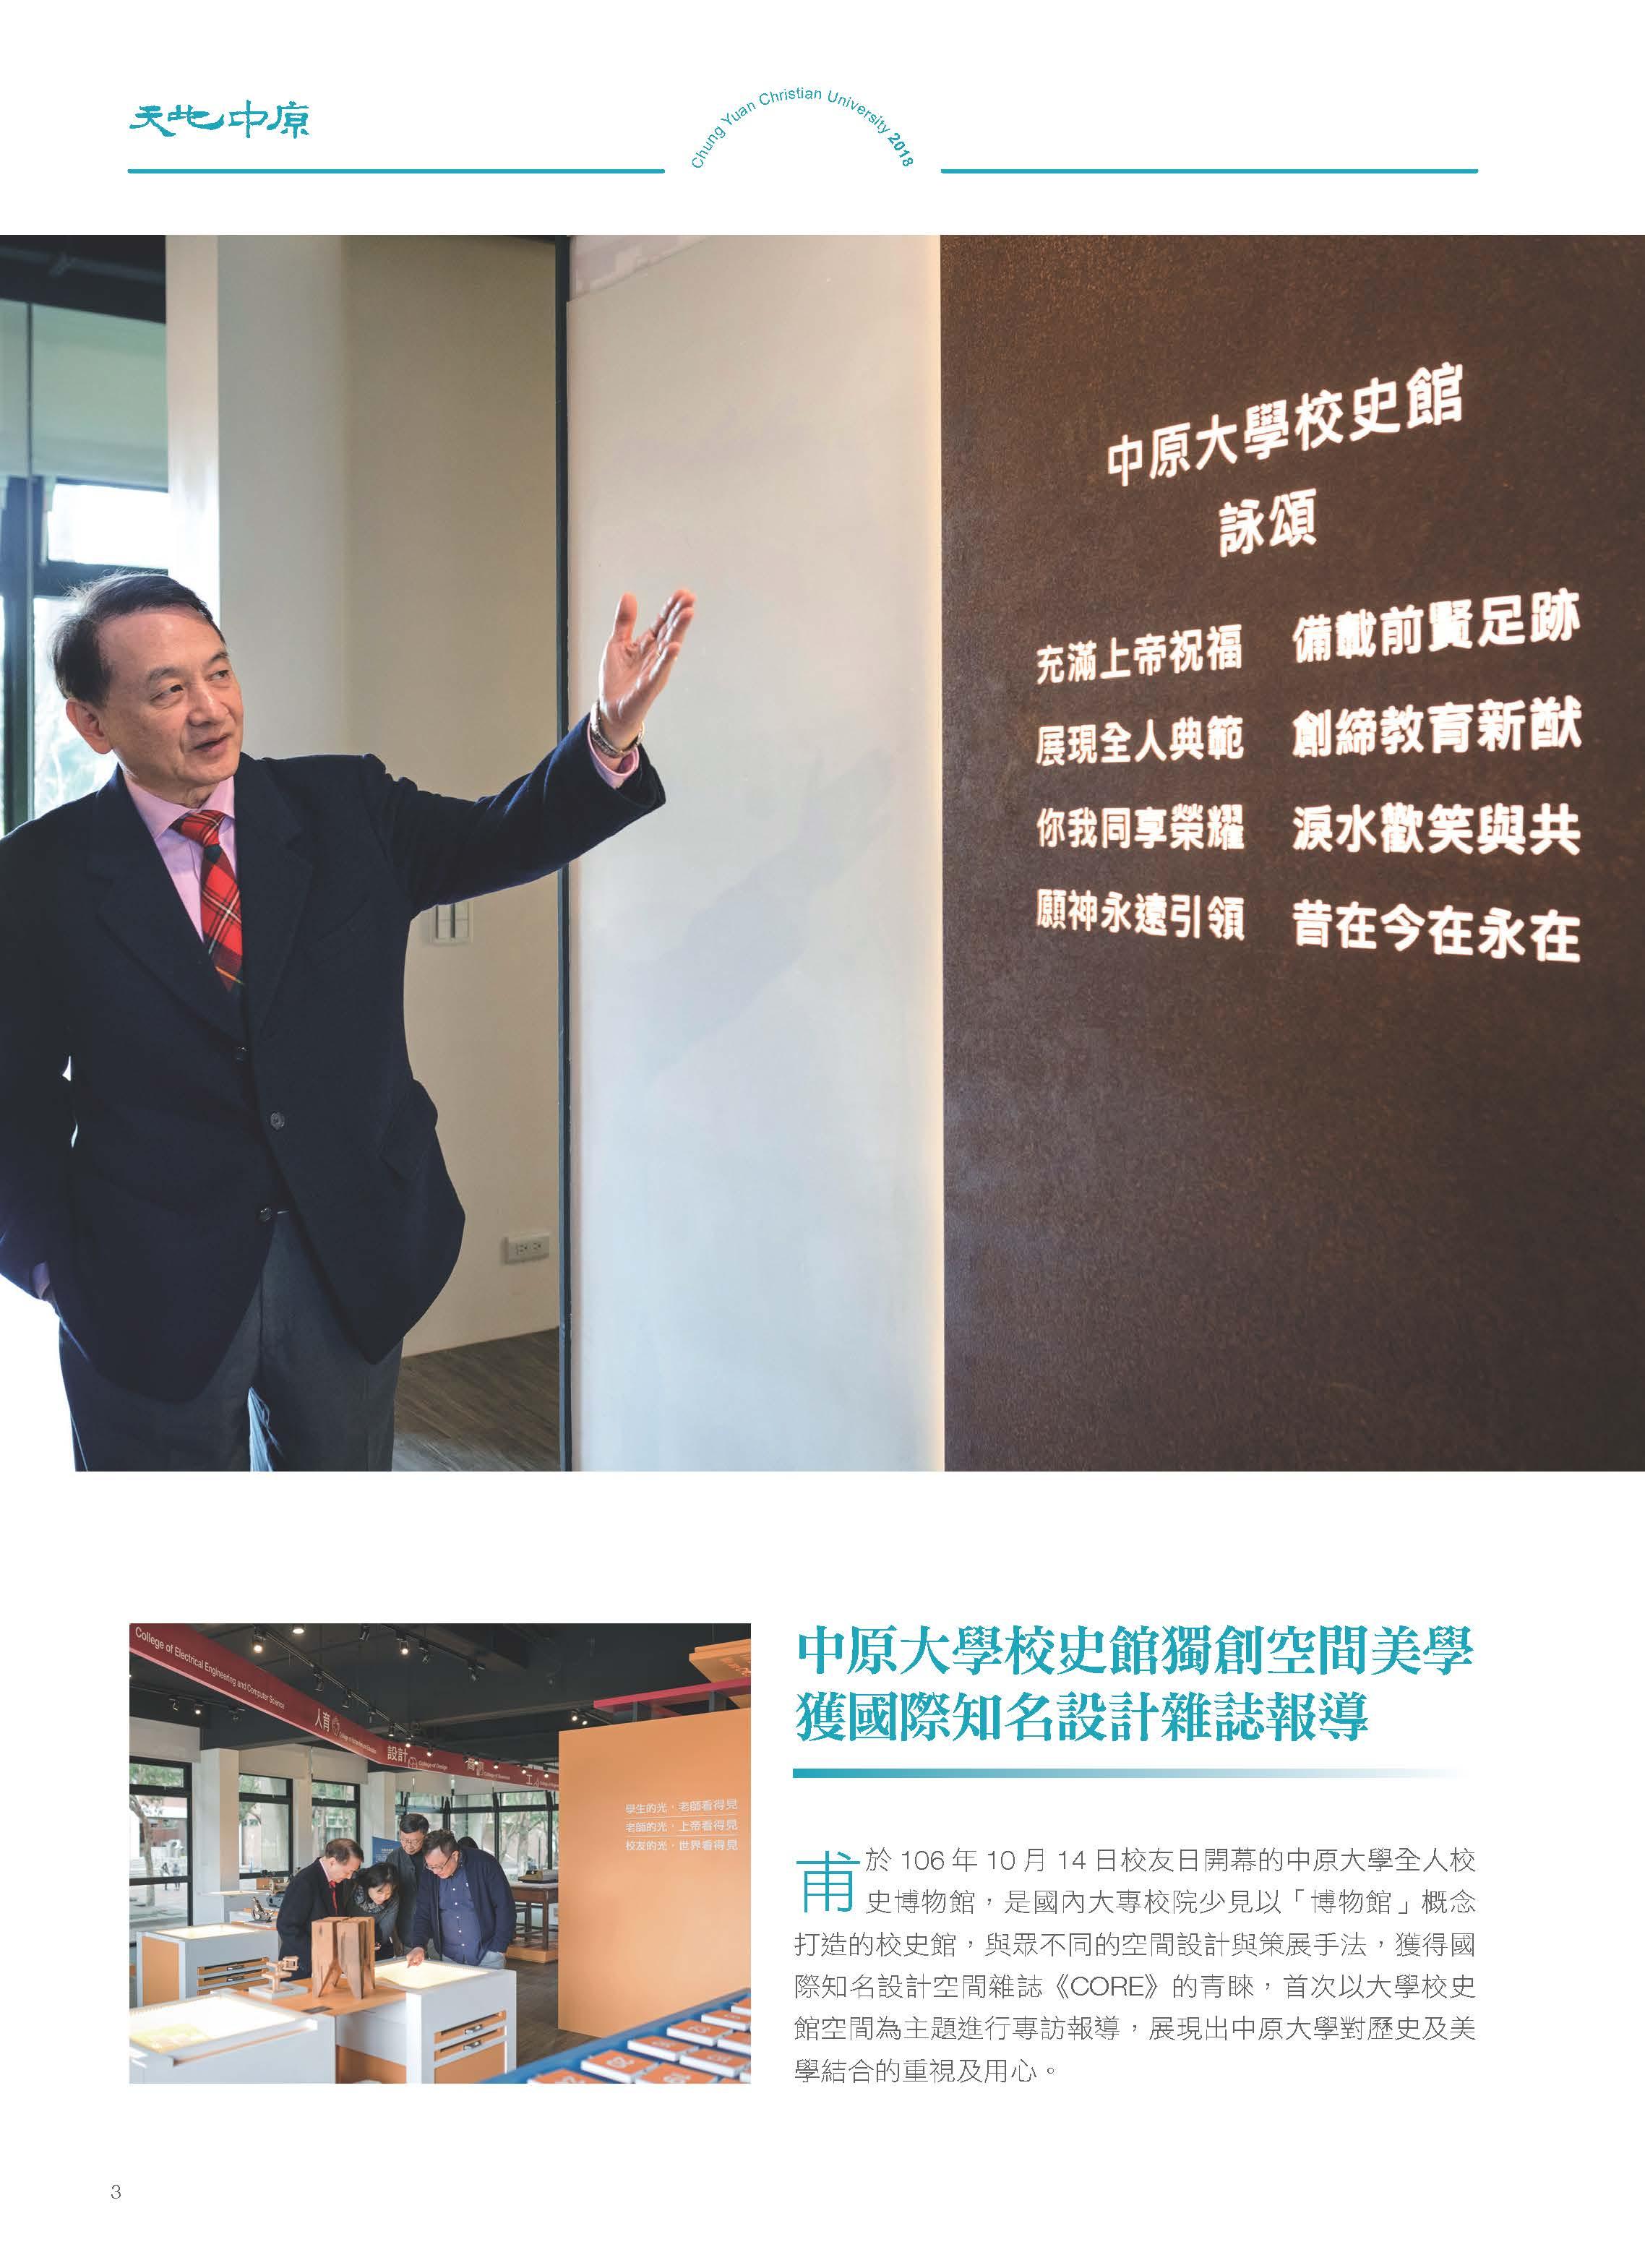 中原大學校史館獨創空間美學    獲國際知名設計雜誌報導